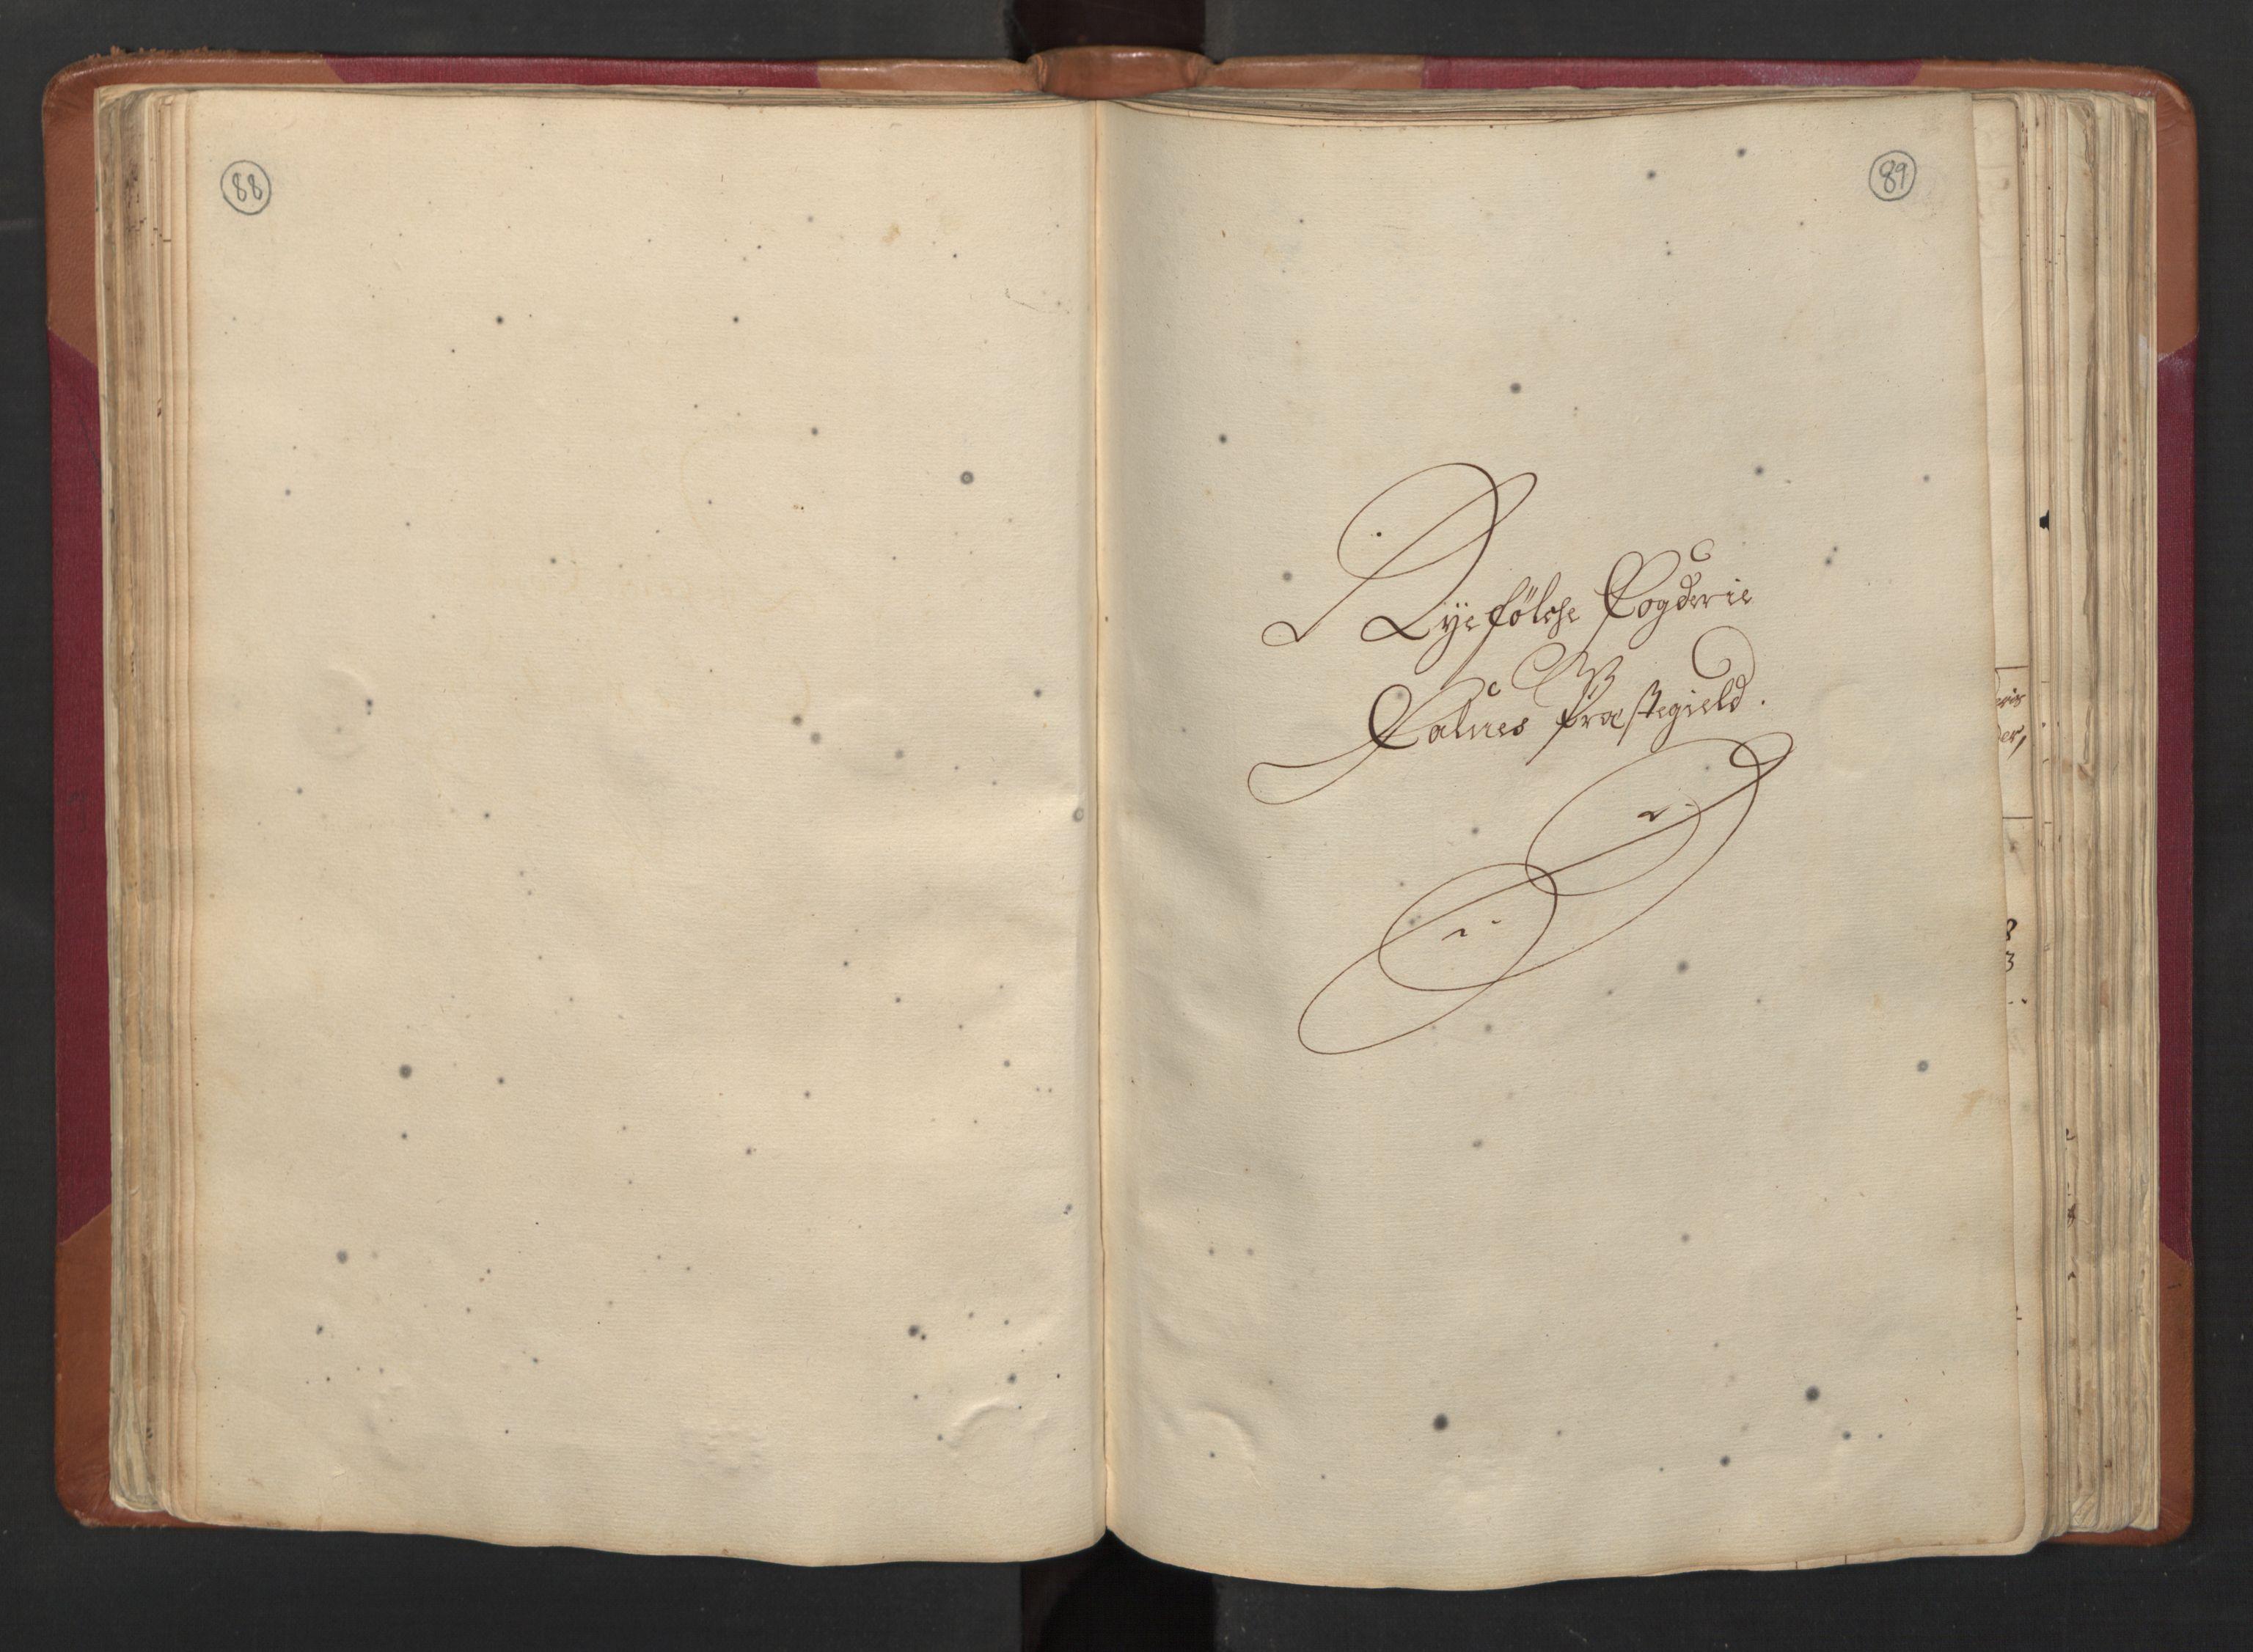 RA, Manntallet 1701, nr. 5: Ryfylke fogderi, 1701, s. 88-89